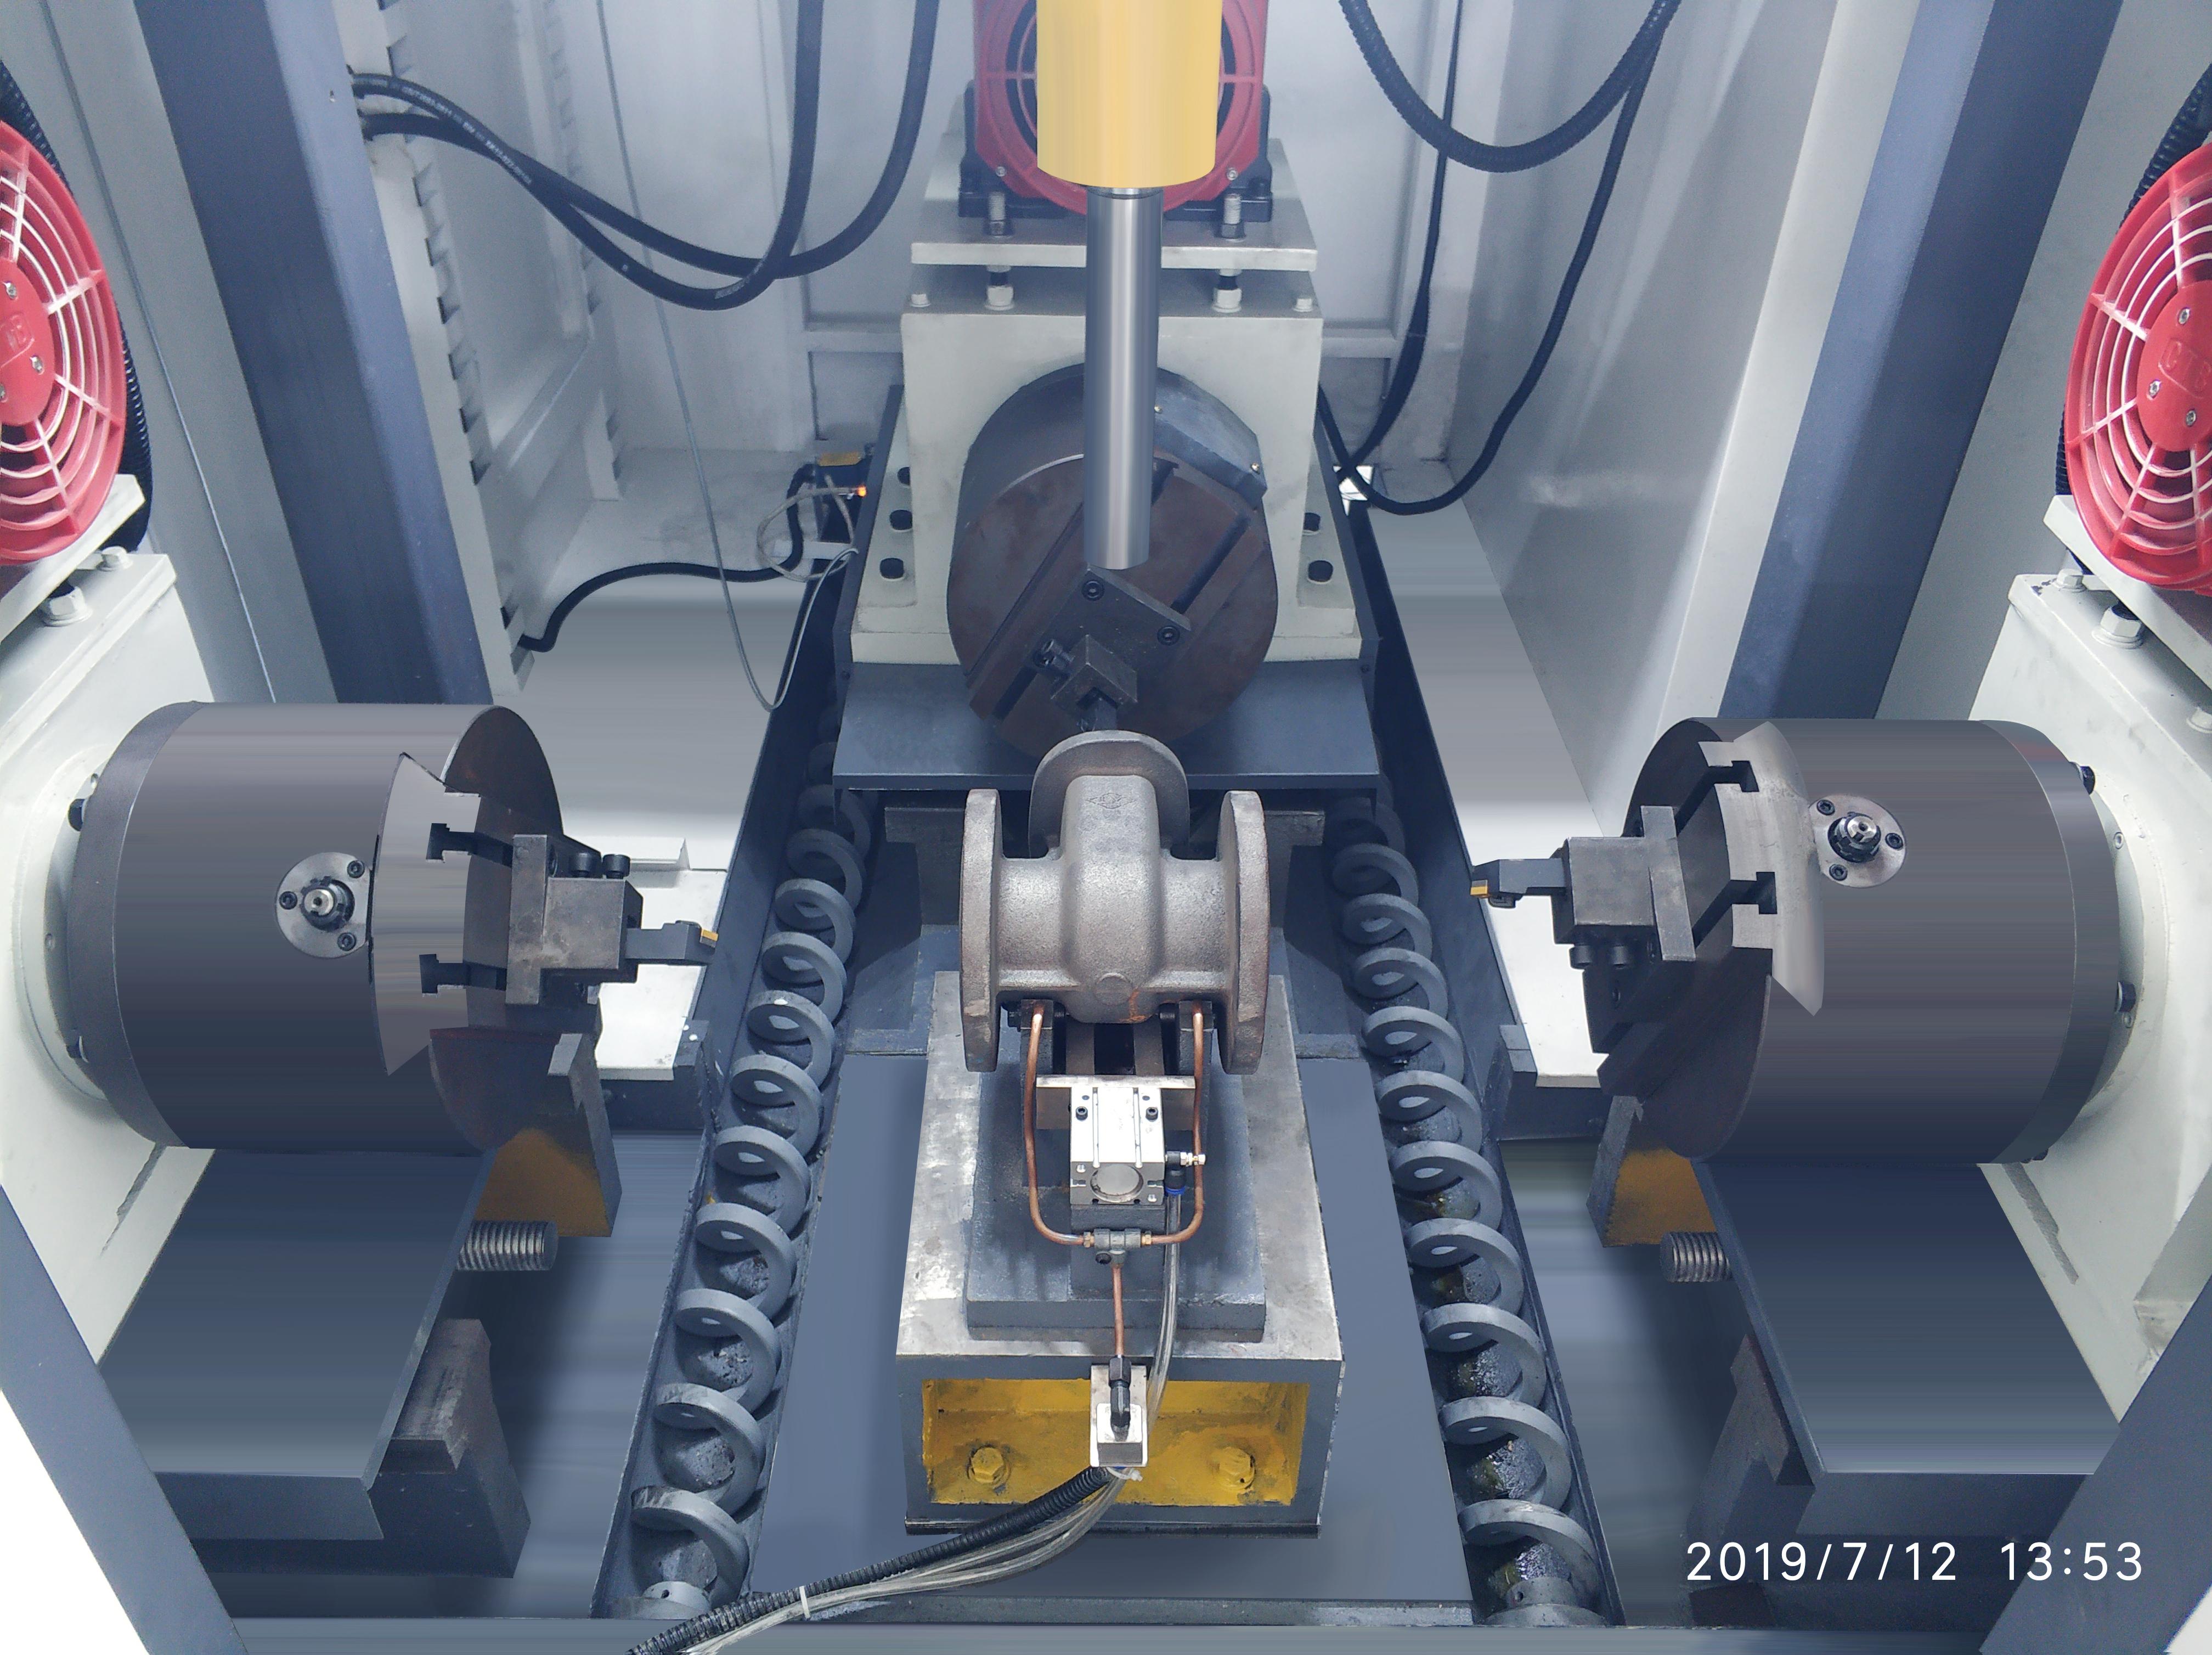 阀门管件加工数控机床 数控设备 三面车铣 镗削